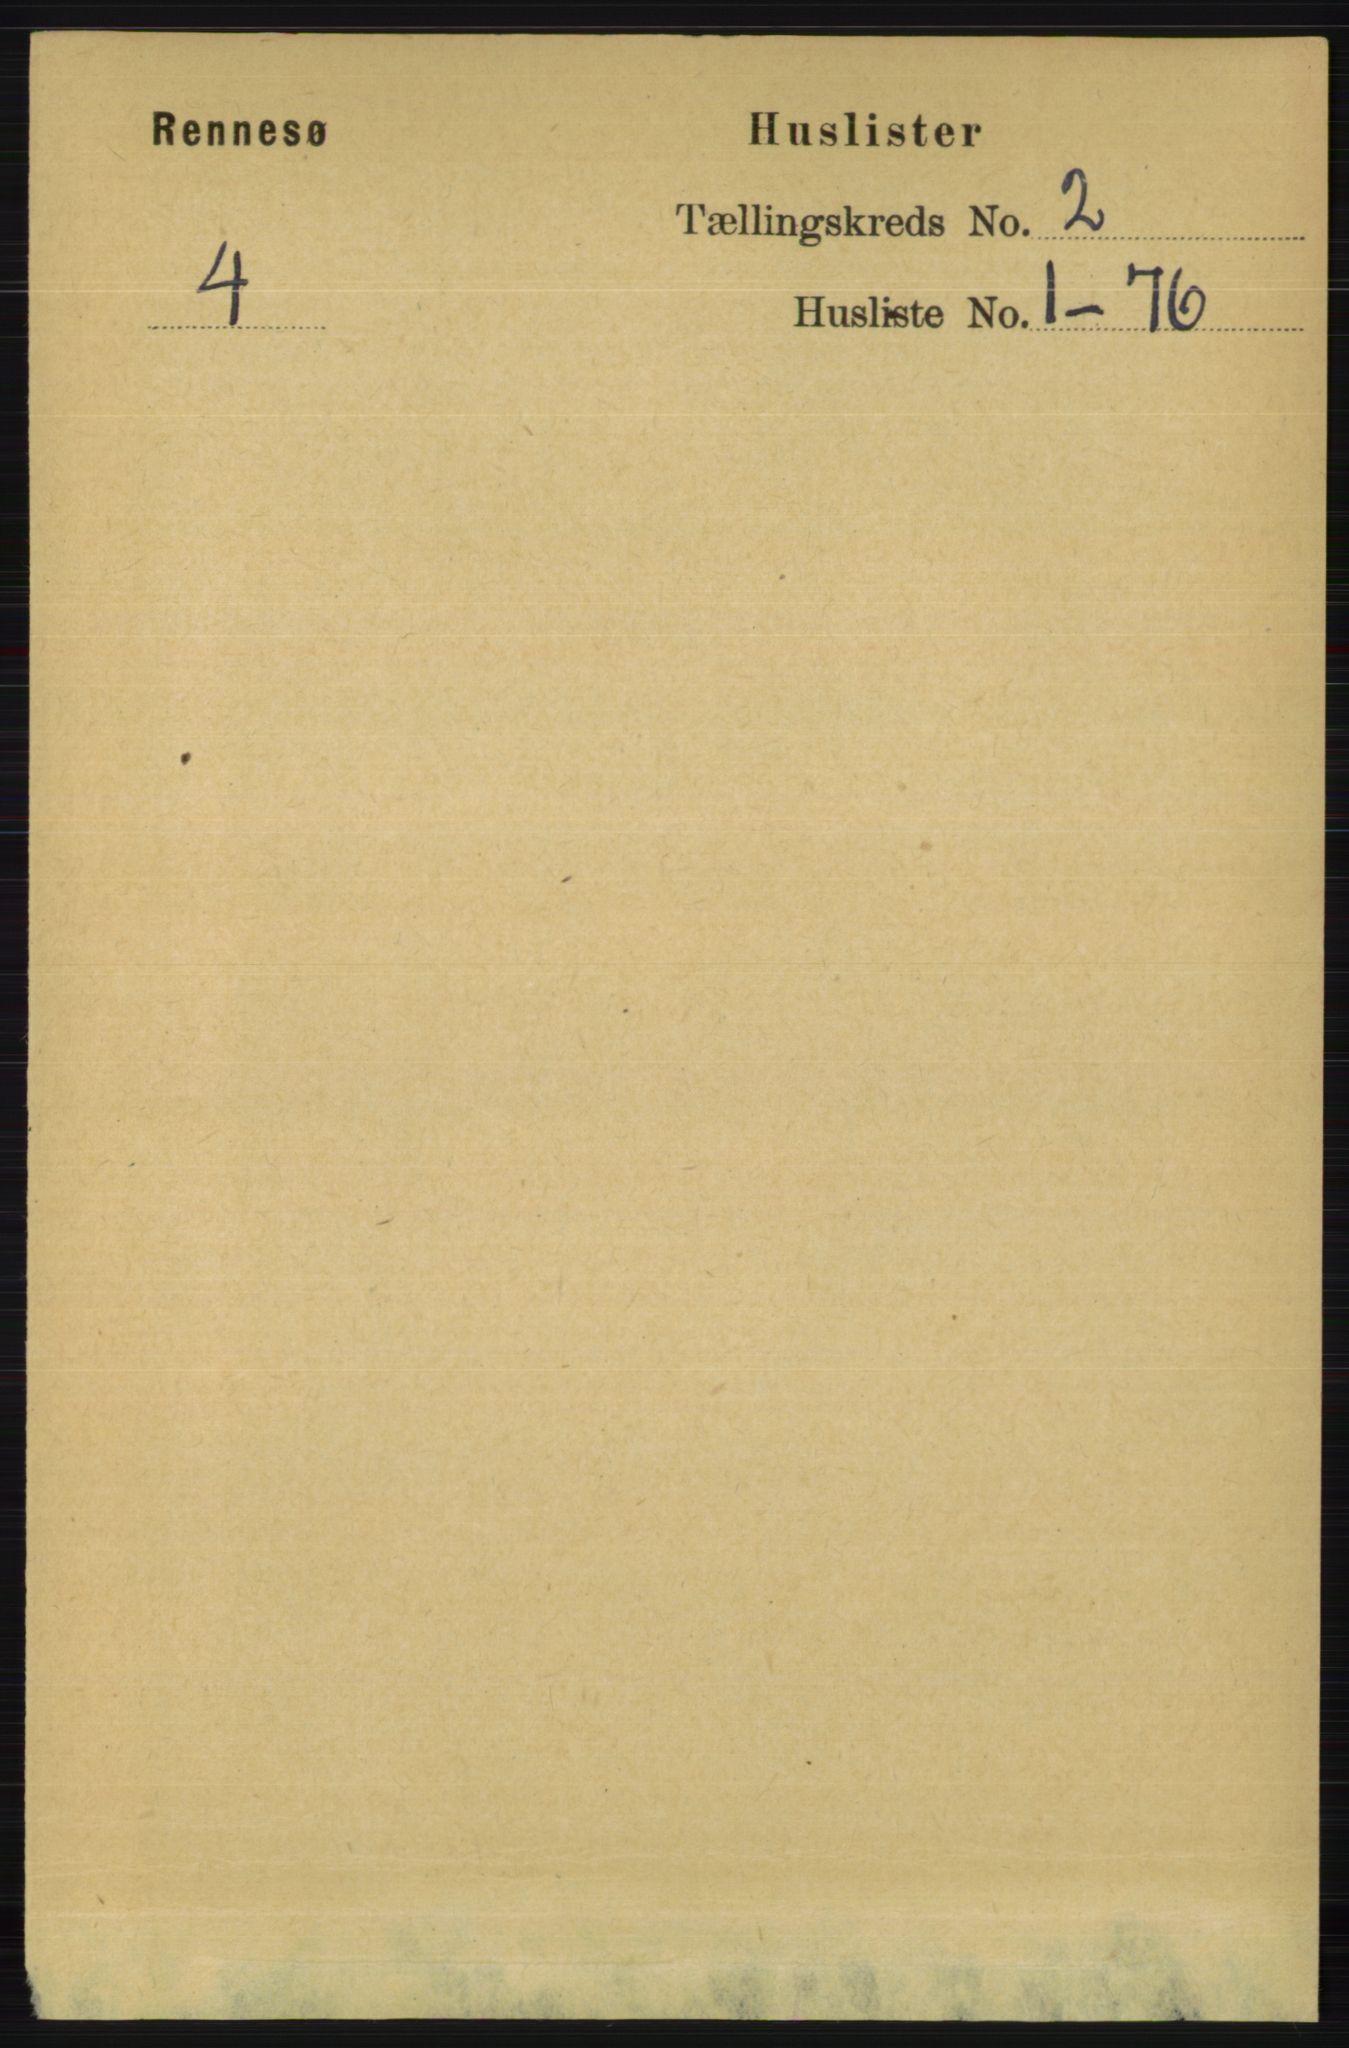 RA, Folketelling 1891 for 1142 Rennesøy herred, 1891, s. 376